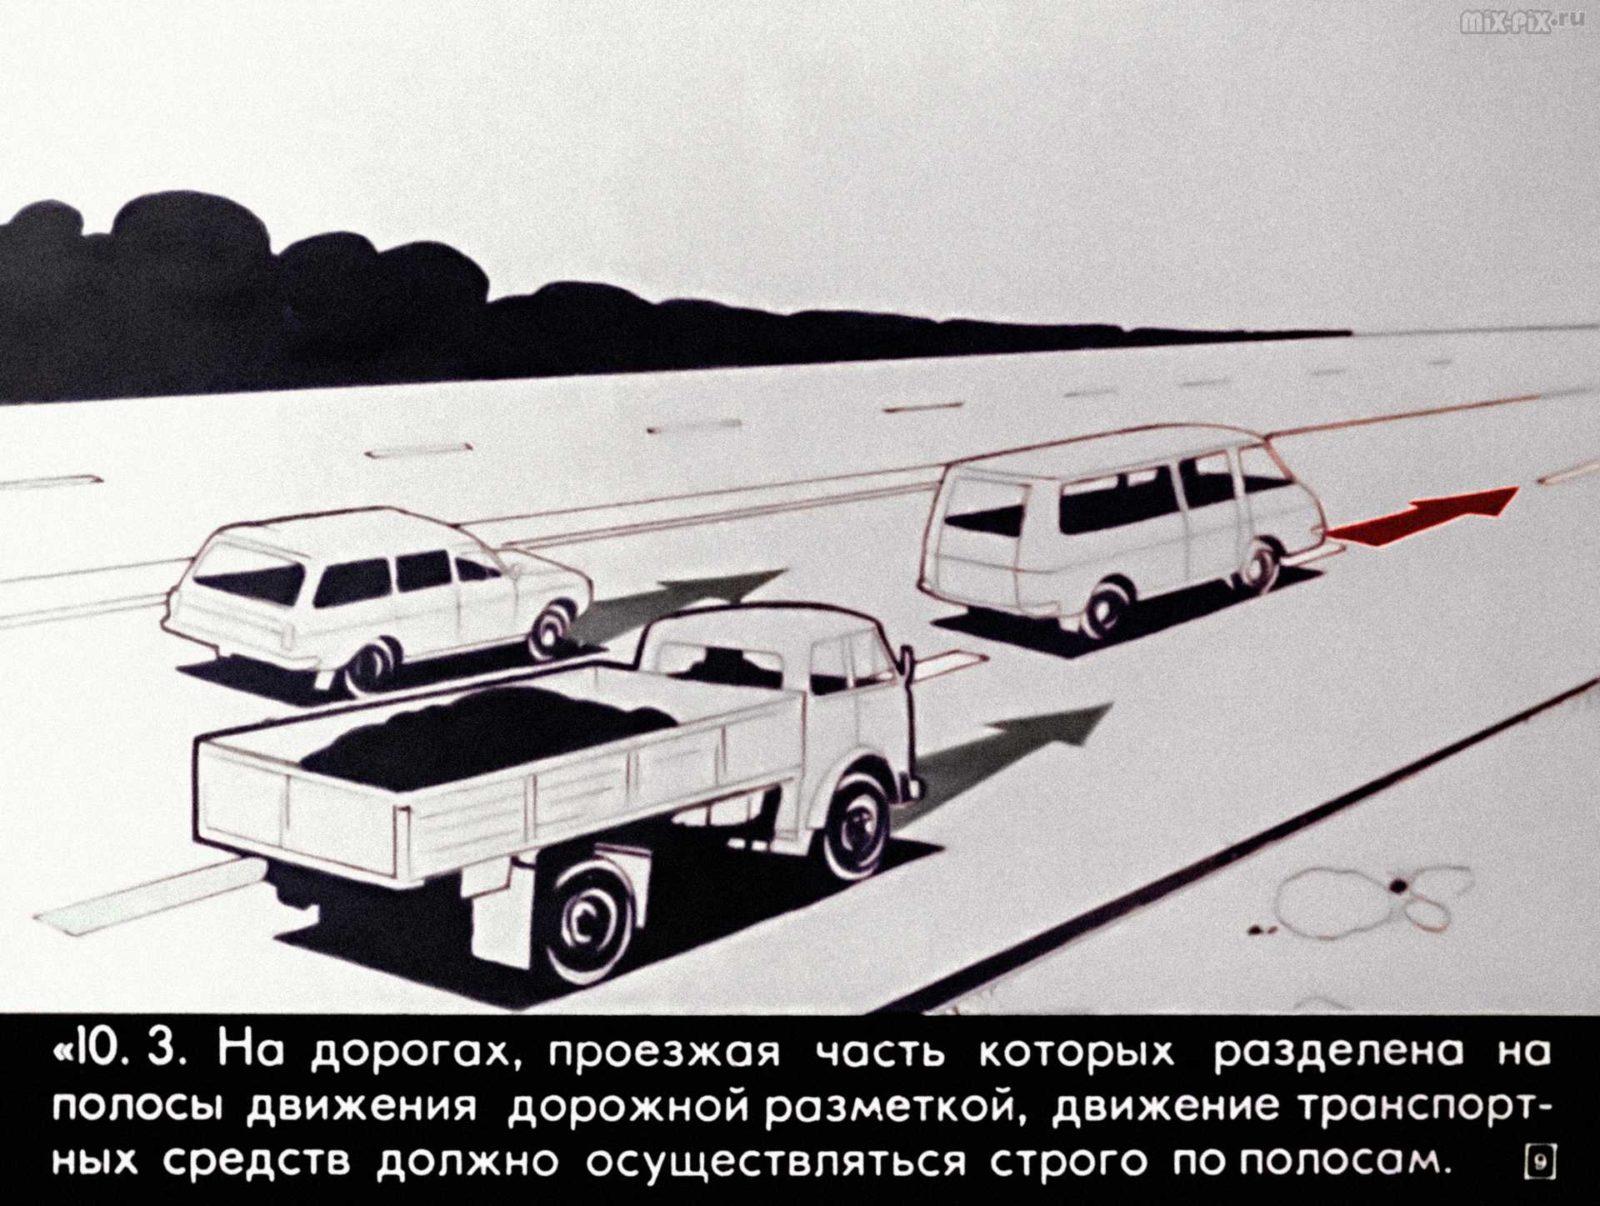 Правила дорожного движения. Расположение транспортных средств на проезжей части. Начало движения. Маневрирование (1983) 35